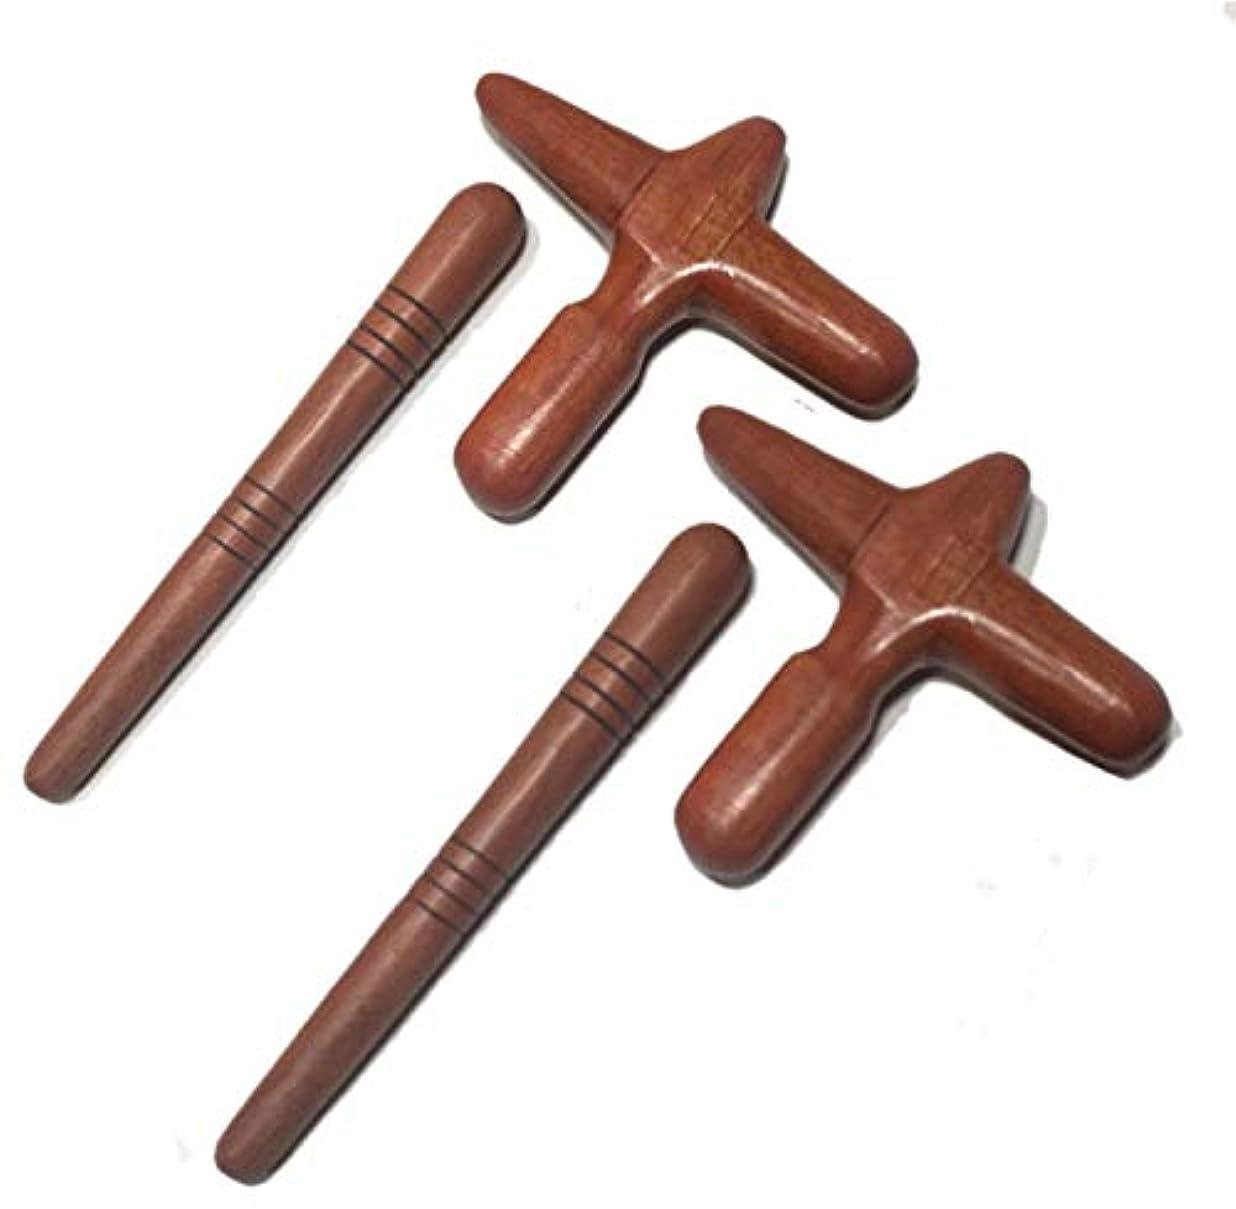 水差し不安定な異邦人木製 ツボ押し棒 2種類×2セット マッサージ棒 フットマッサージ棒 (2)